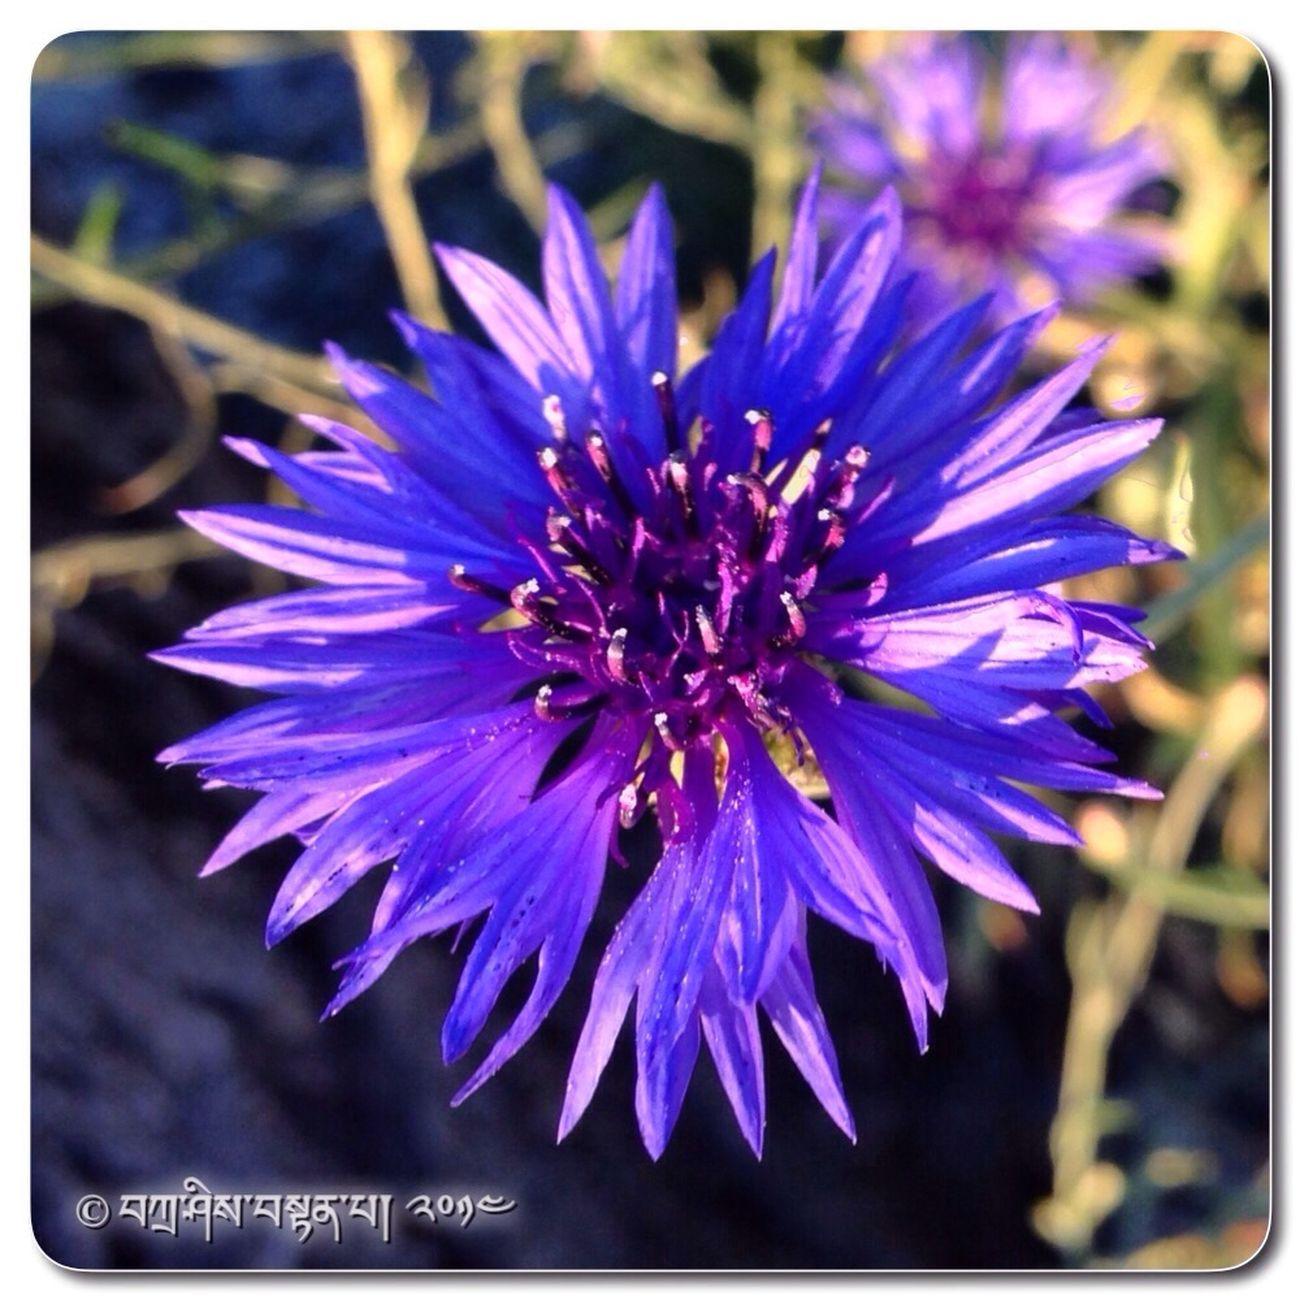 Bunga بوڠا Petang Ini ڤتـــــڠ اين Berbasikal برباسيكـــــل